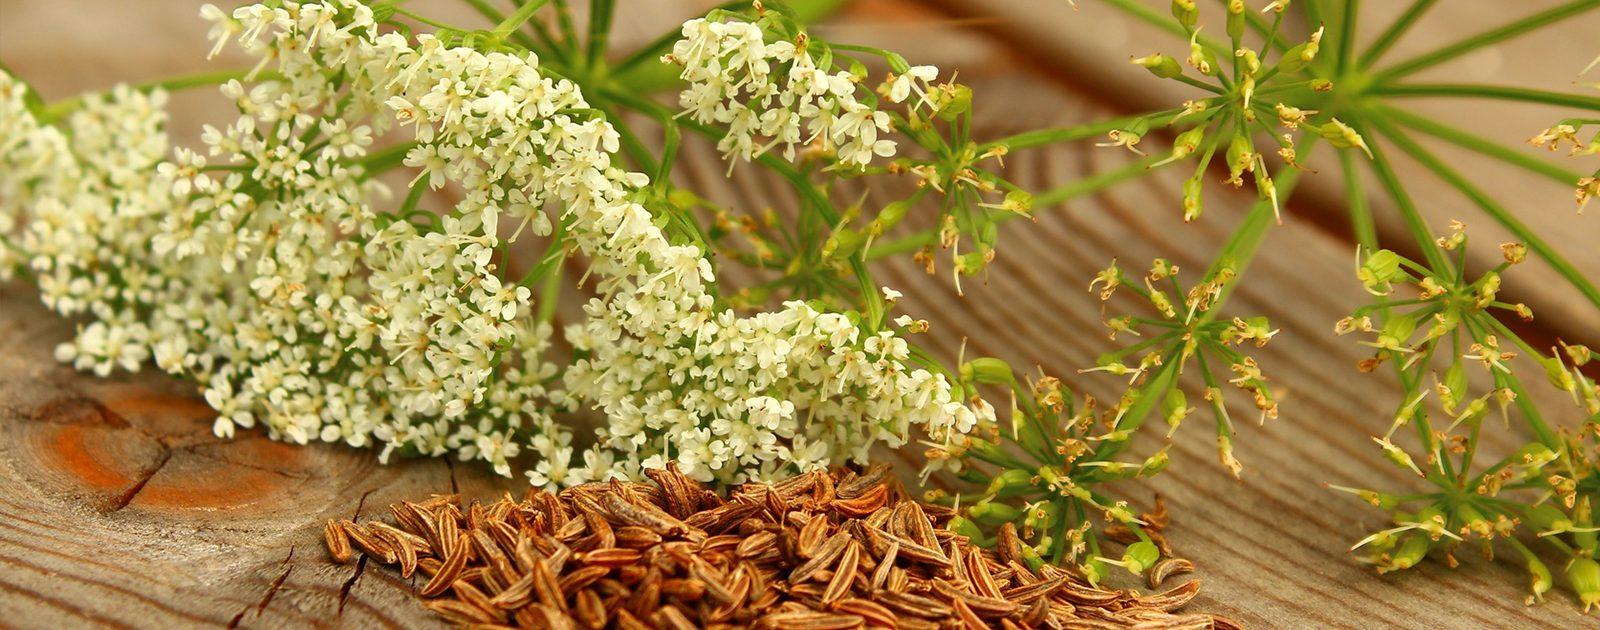 Kümmelpflanze mit den bekannten braunen Körnern. Sie sind bei Blähungen und Magenbeschwerden hilfreich.